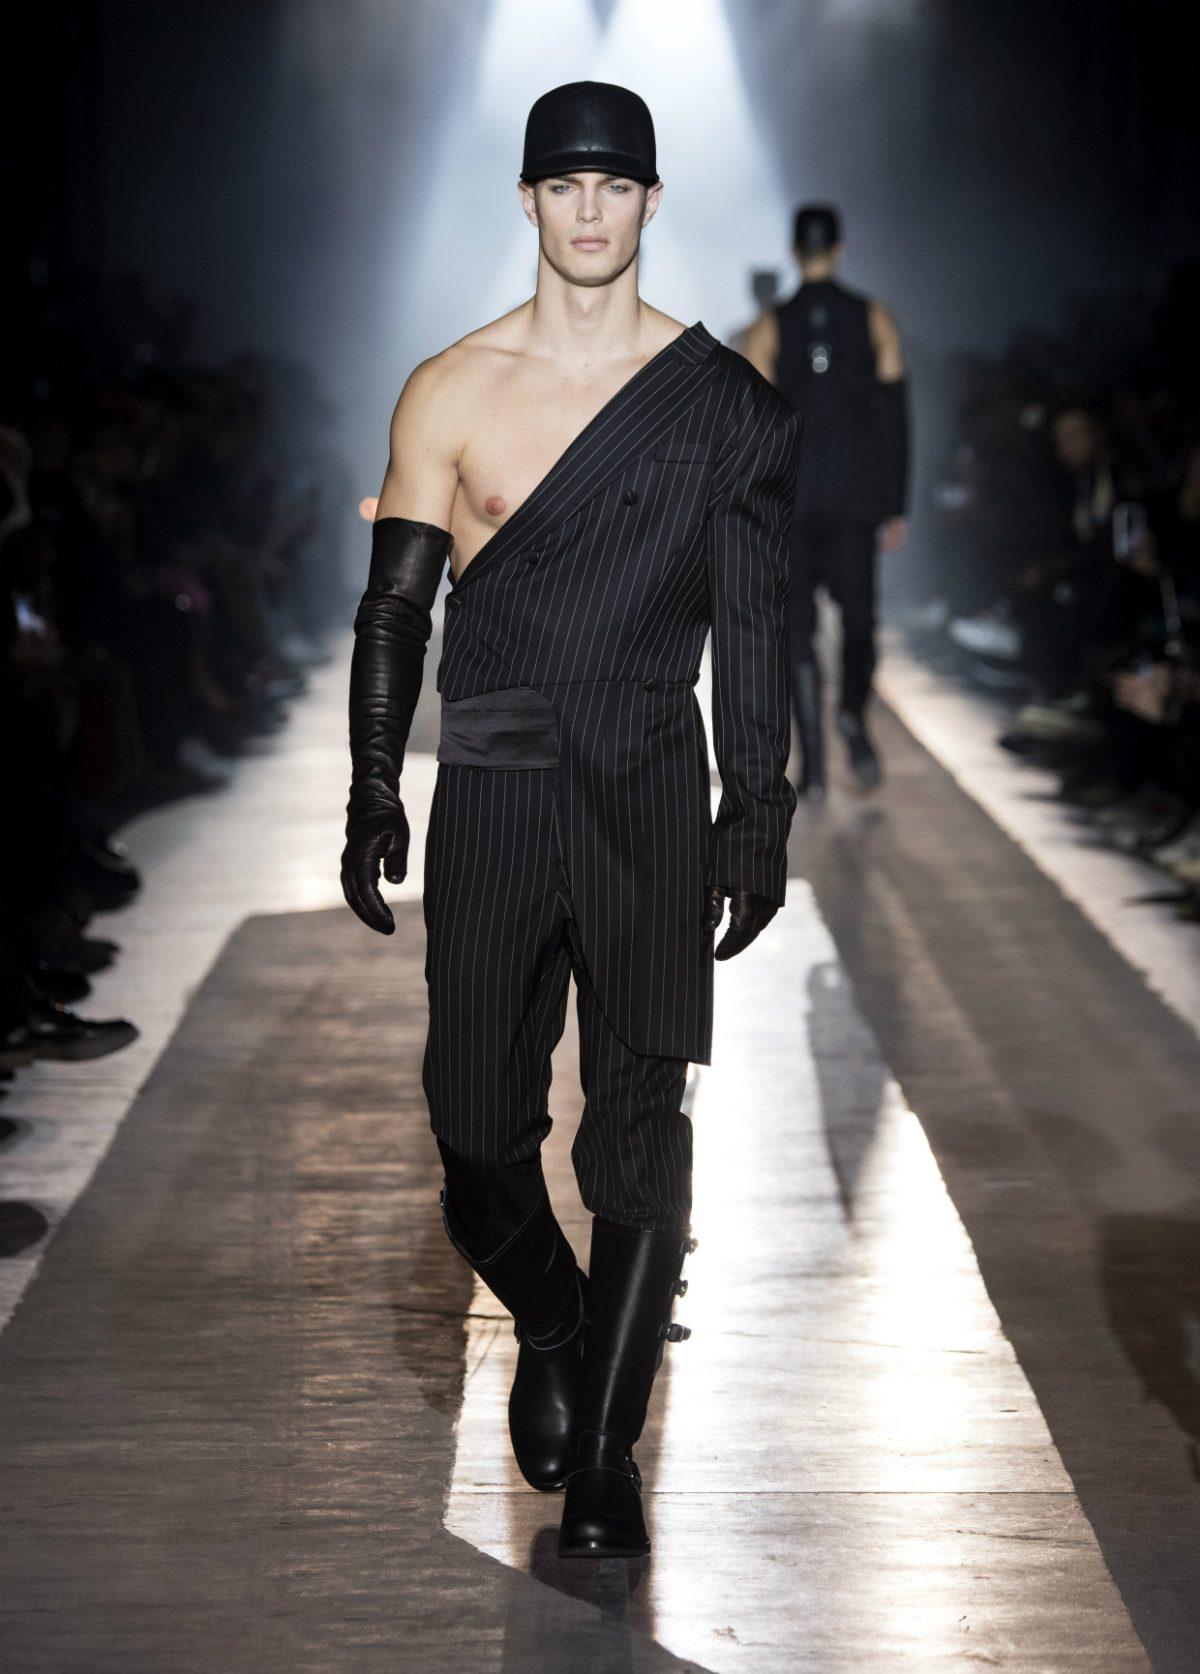 Moda milano 2018 uomo cryptorich for Mode milano